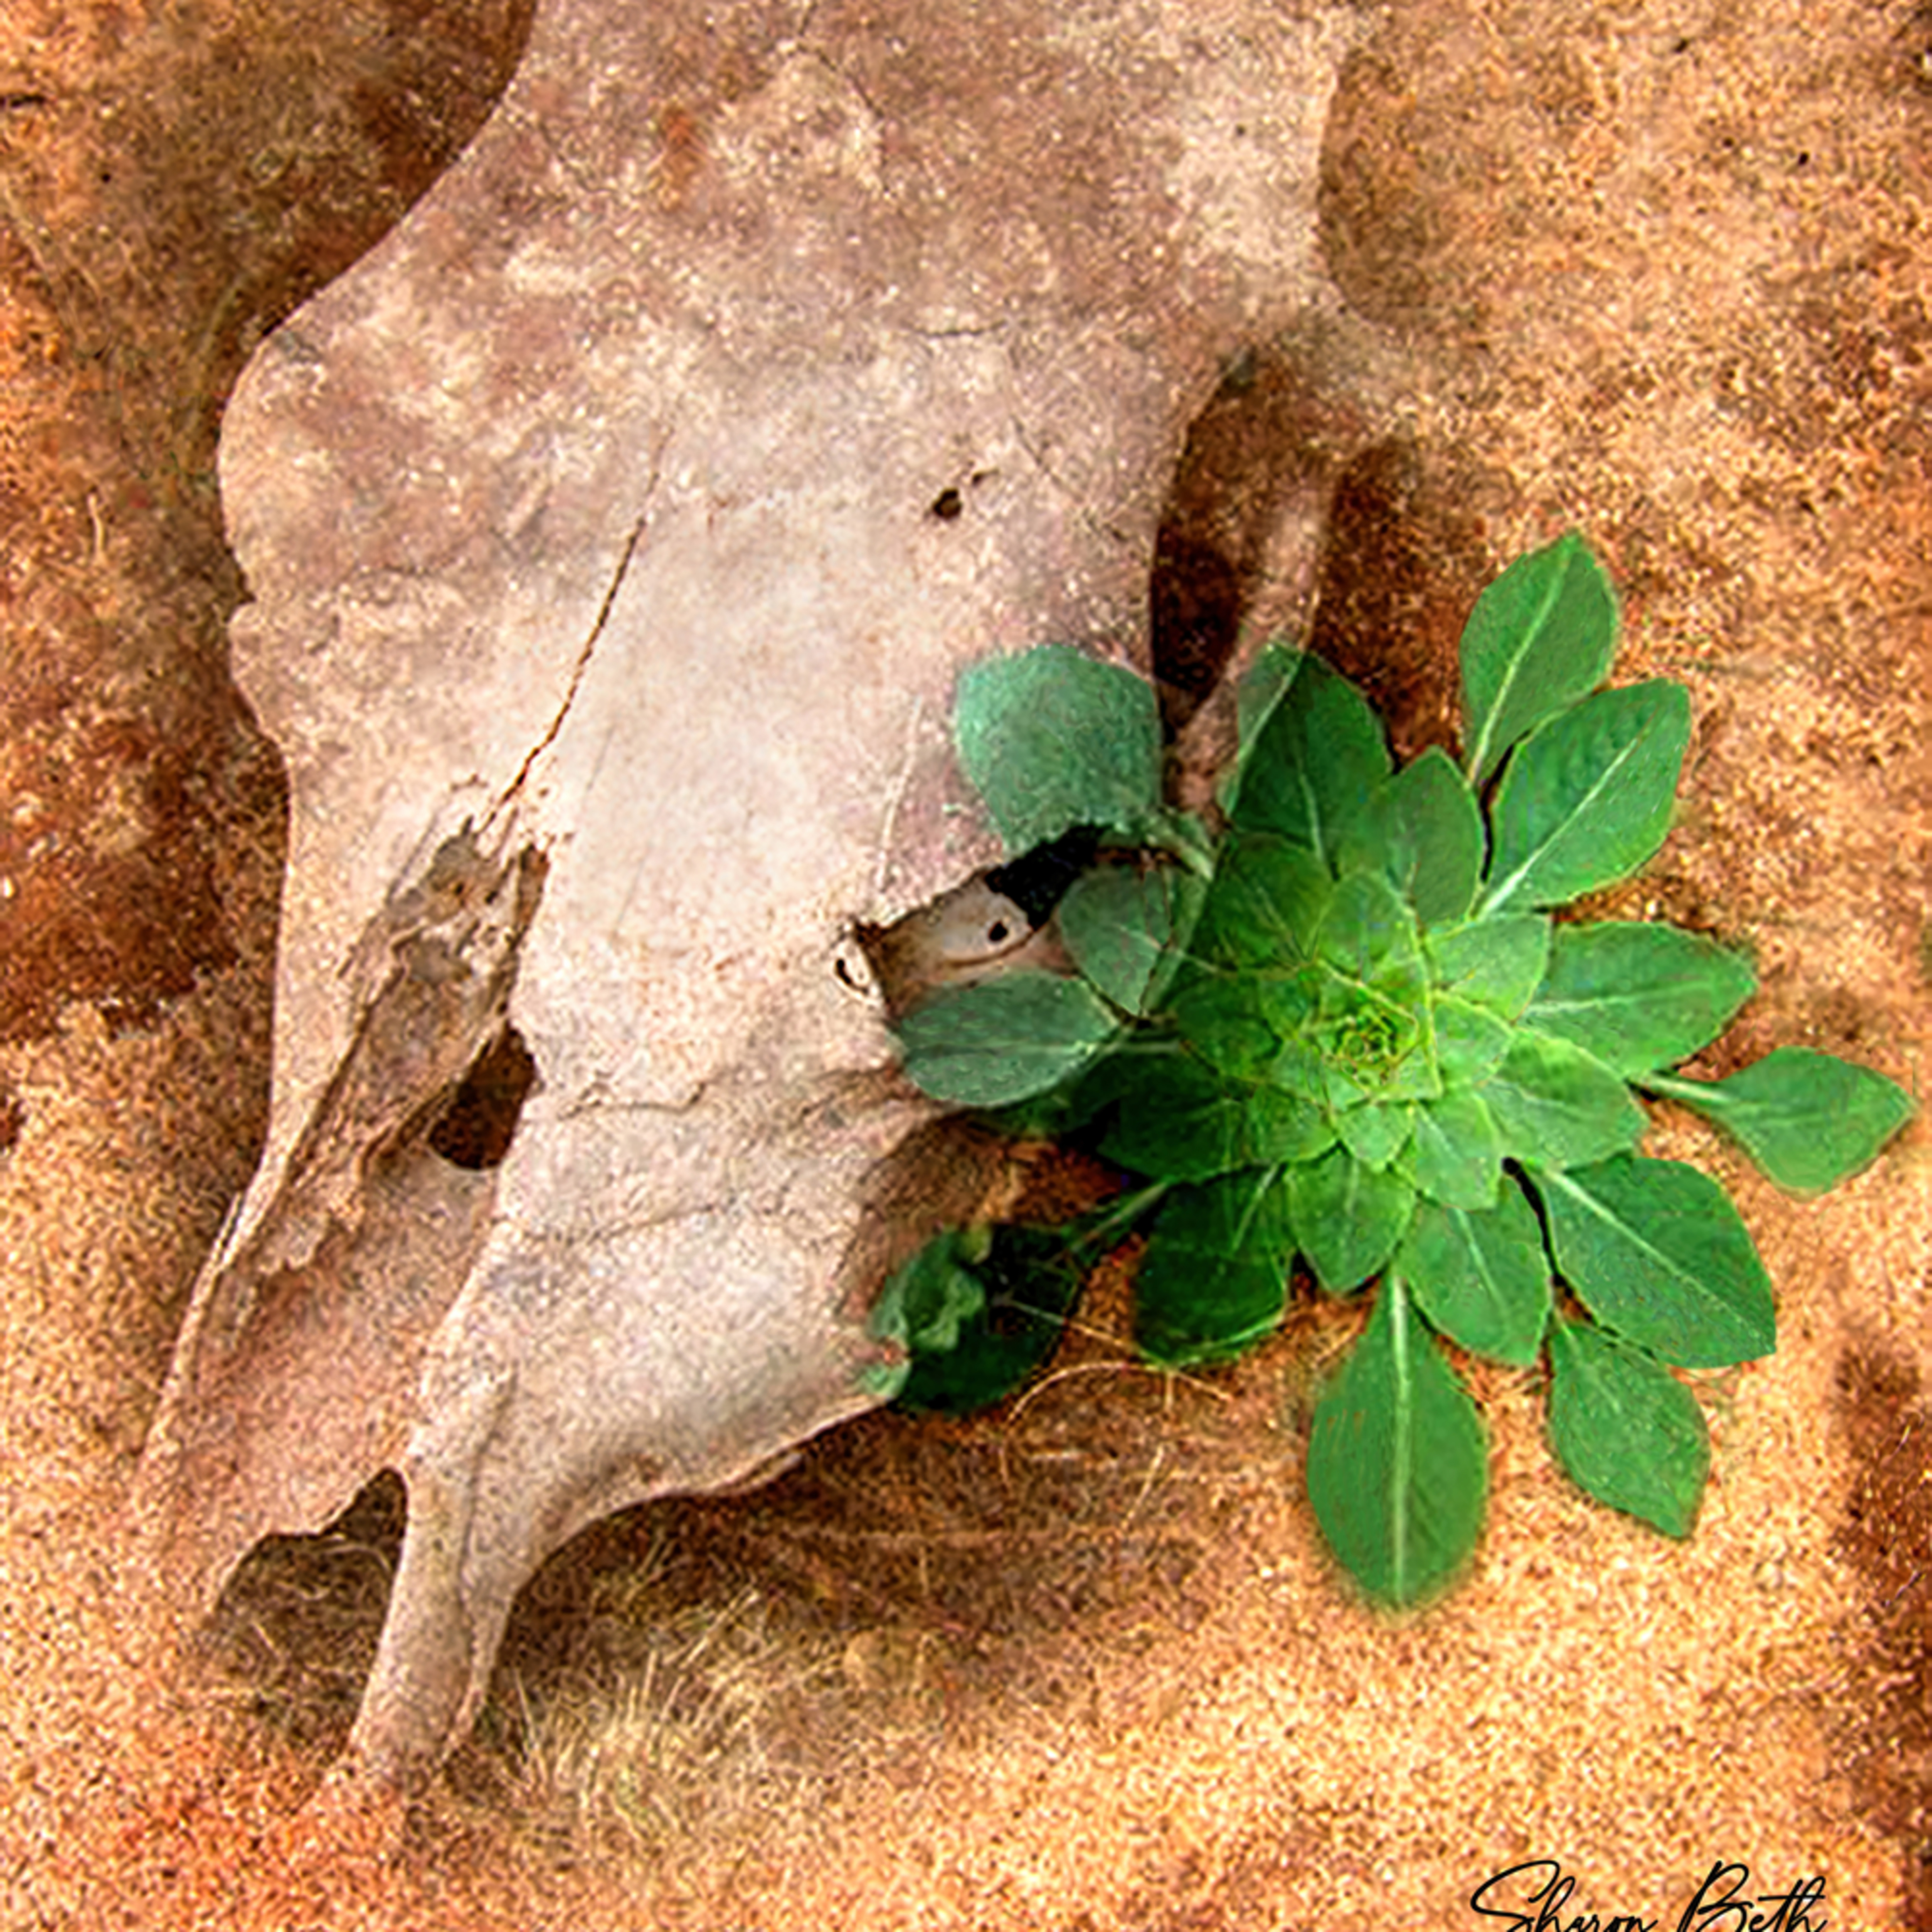 Cow skull and plant mdoijx fixed zaslr9